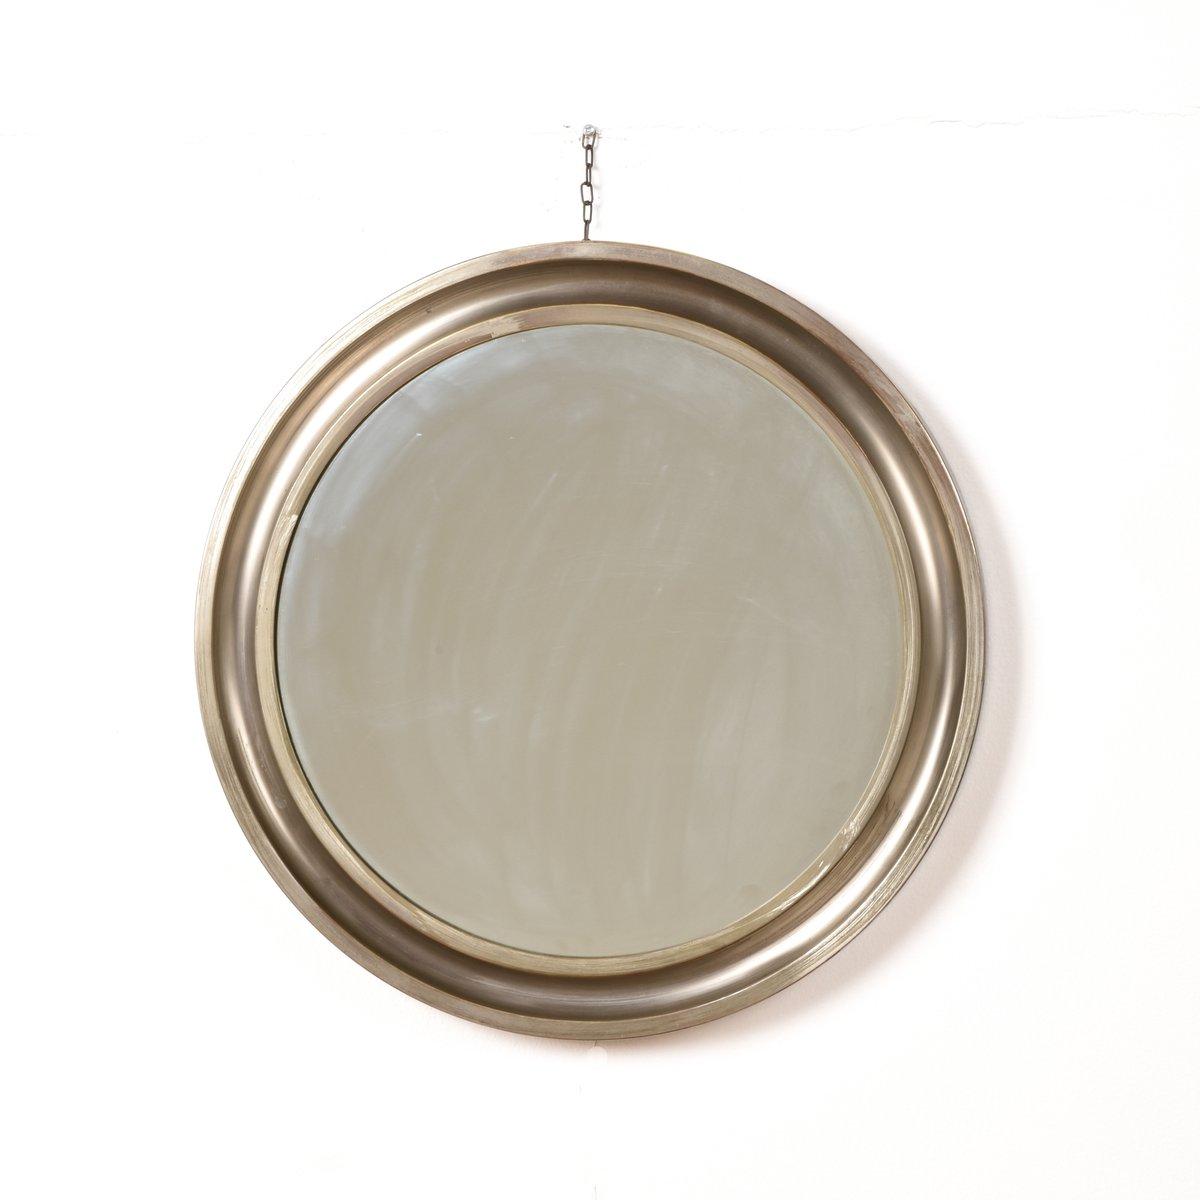 Miroir rond avec cadre en m tal par sergio mazza pour artemide 1961 en vente sur pamono for Miroir rond sans cadre